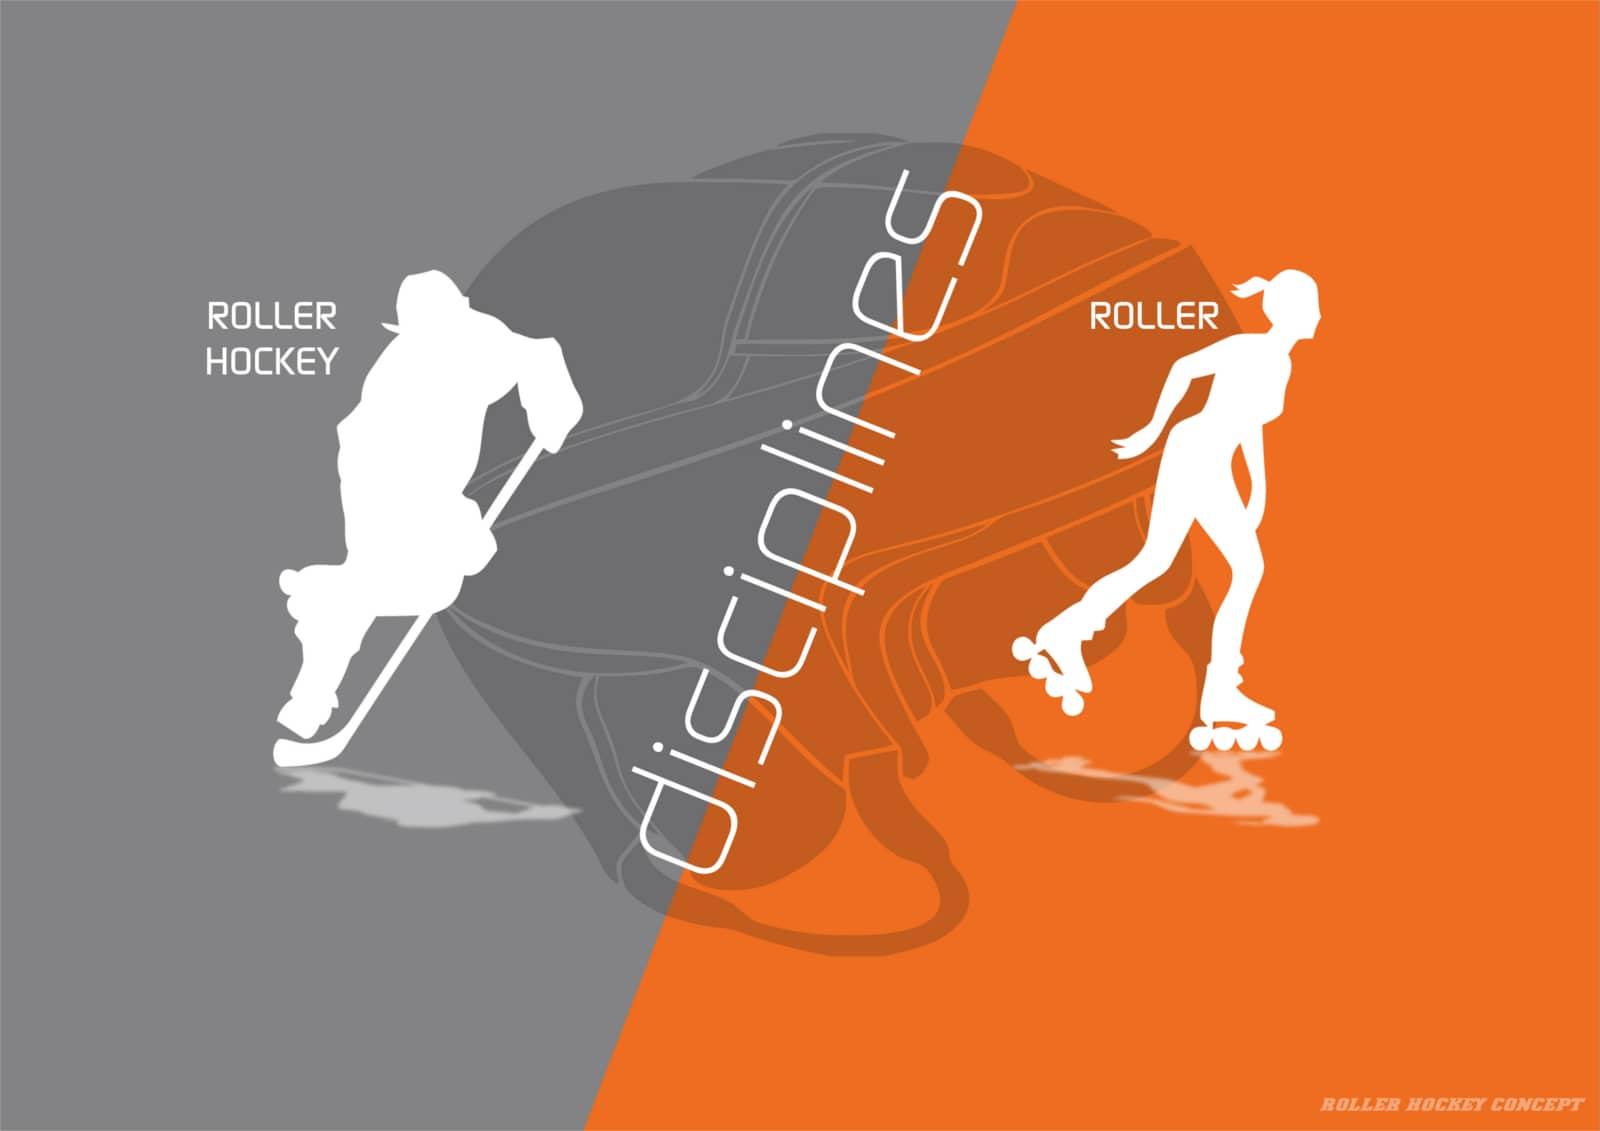 Roller hockey concept - Camps - Formation entraîneur